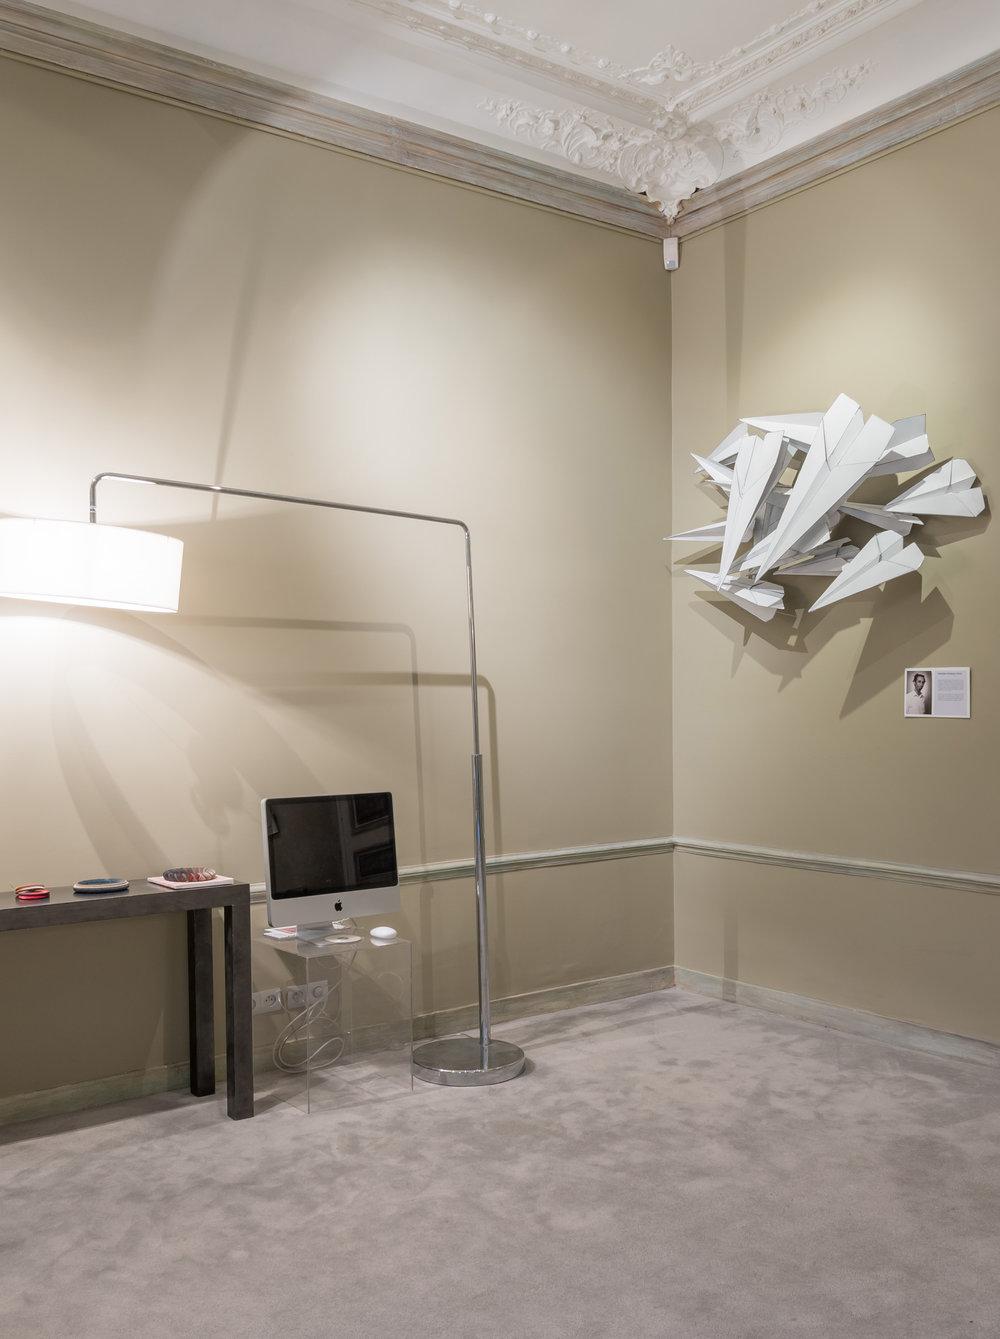 exposition-papier1-2.jpg